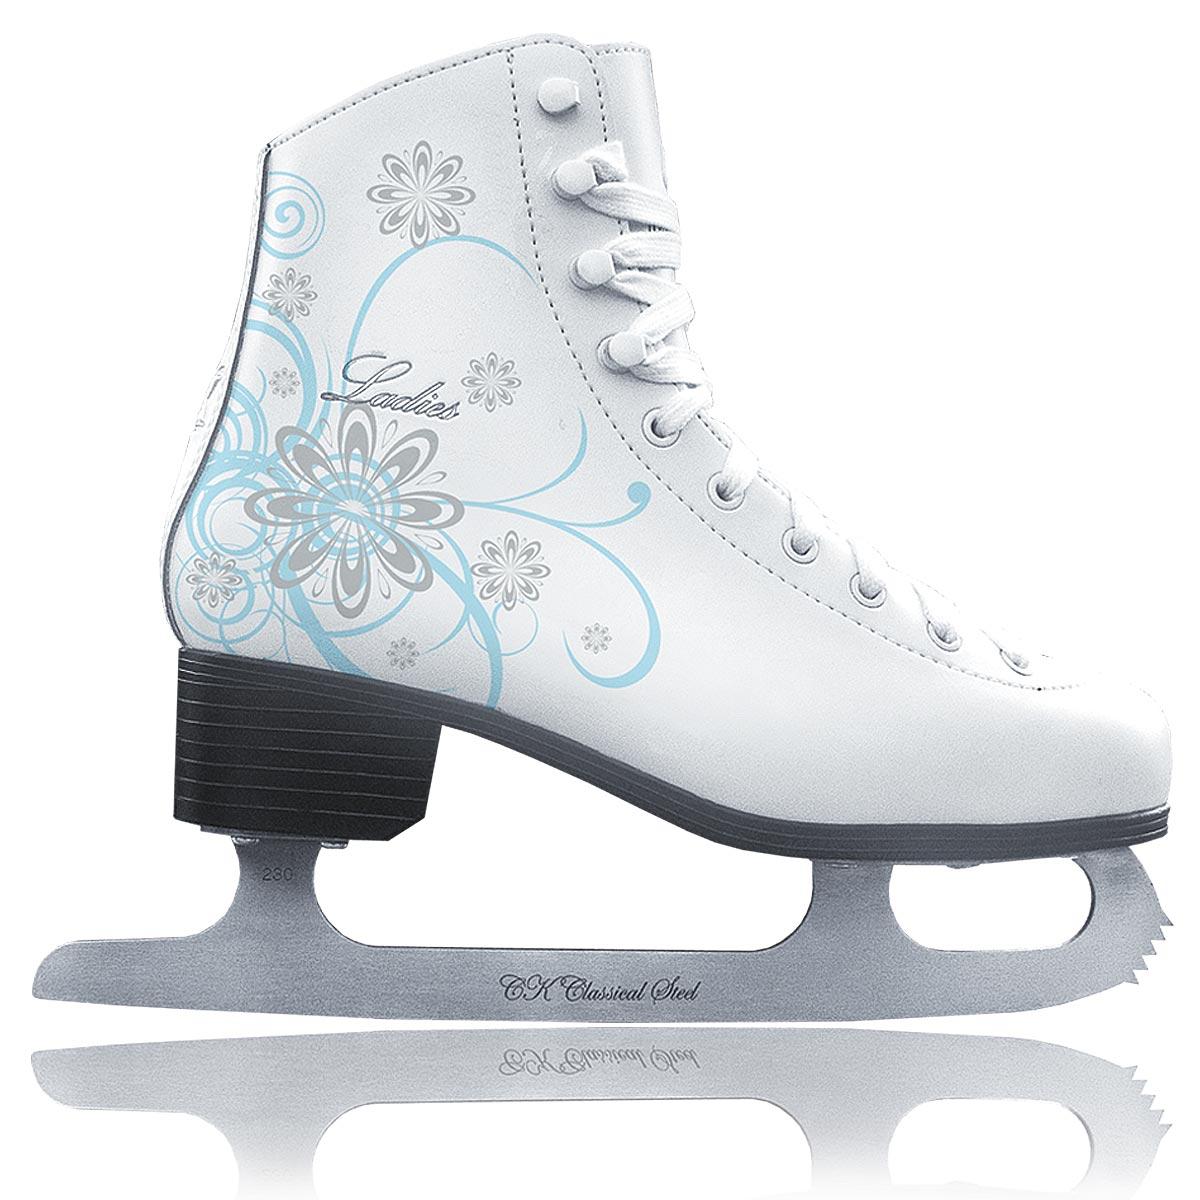 Коньки фигурные для девочки CK Ladies Velvet Classic, цвет: белый, голубой, серебряный. Размер 32Ladies Velvet Classic_белый, голубой, серебряный_32